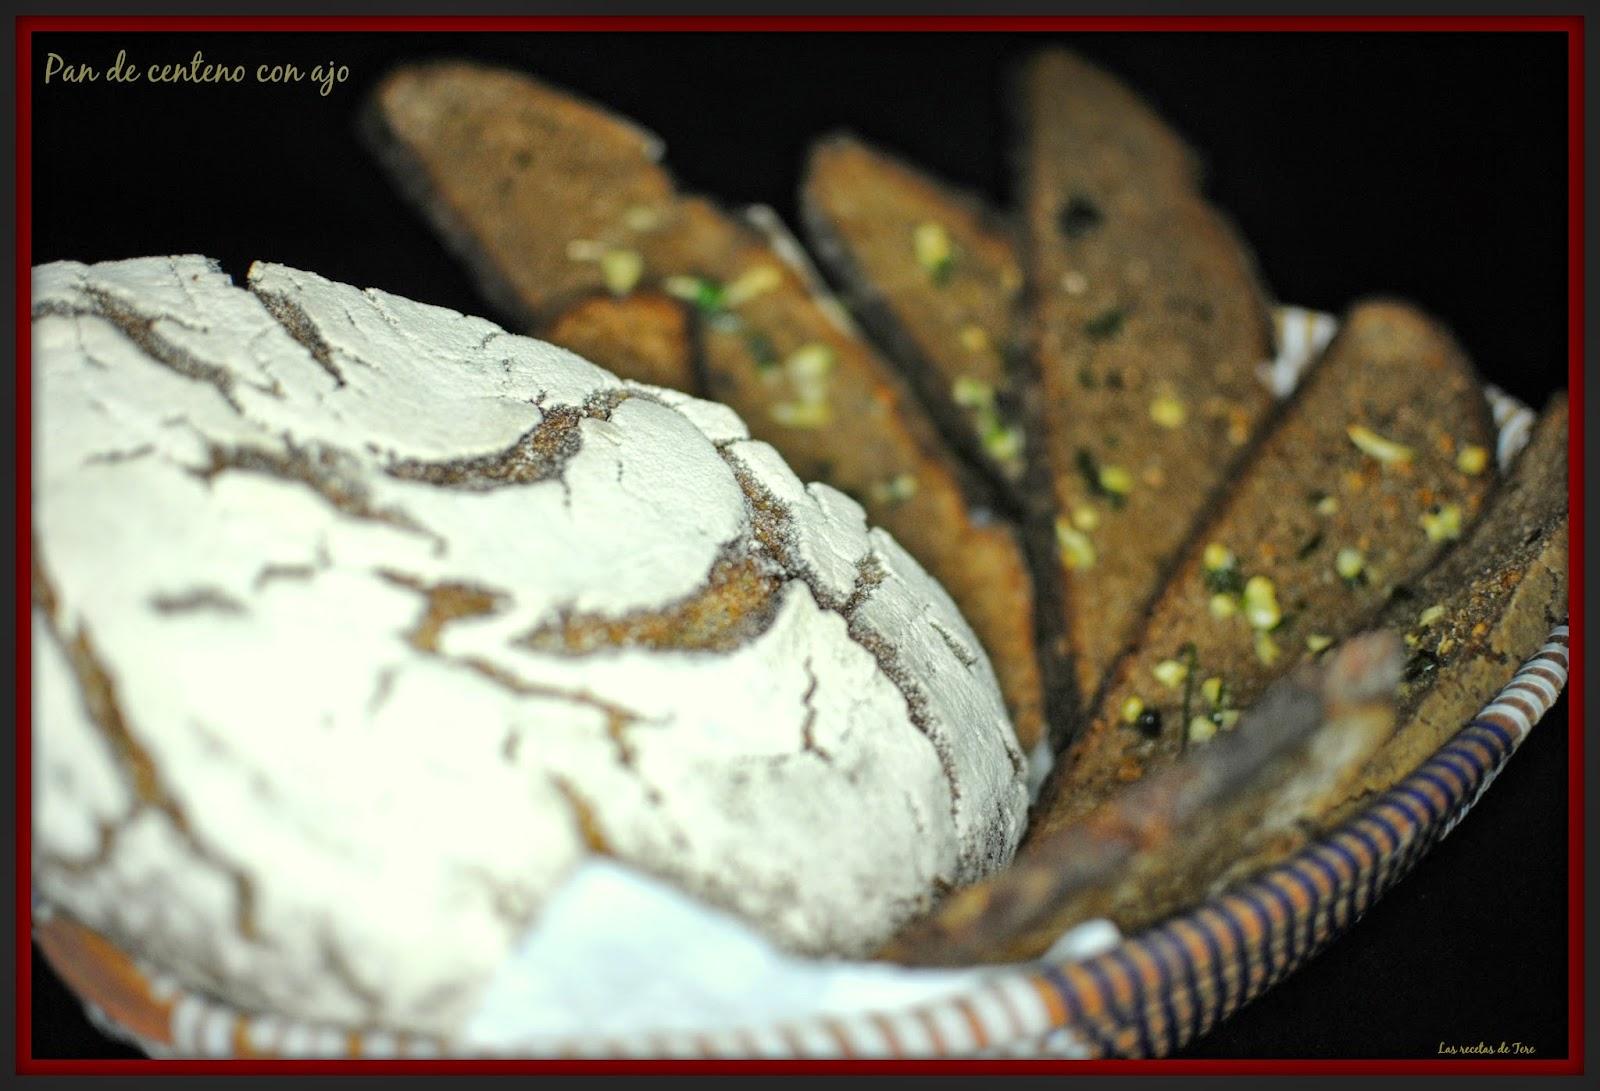 Pan de centeno con ajo tererecetas 04